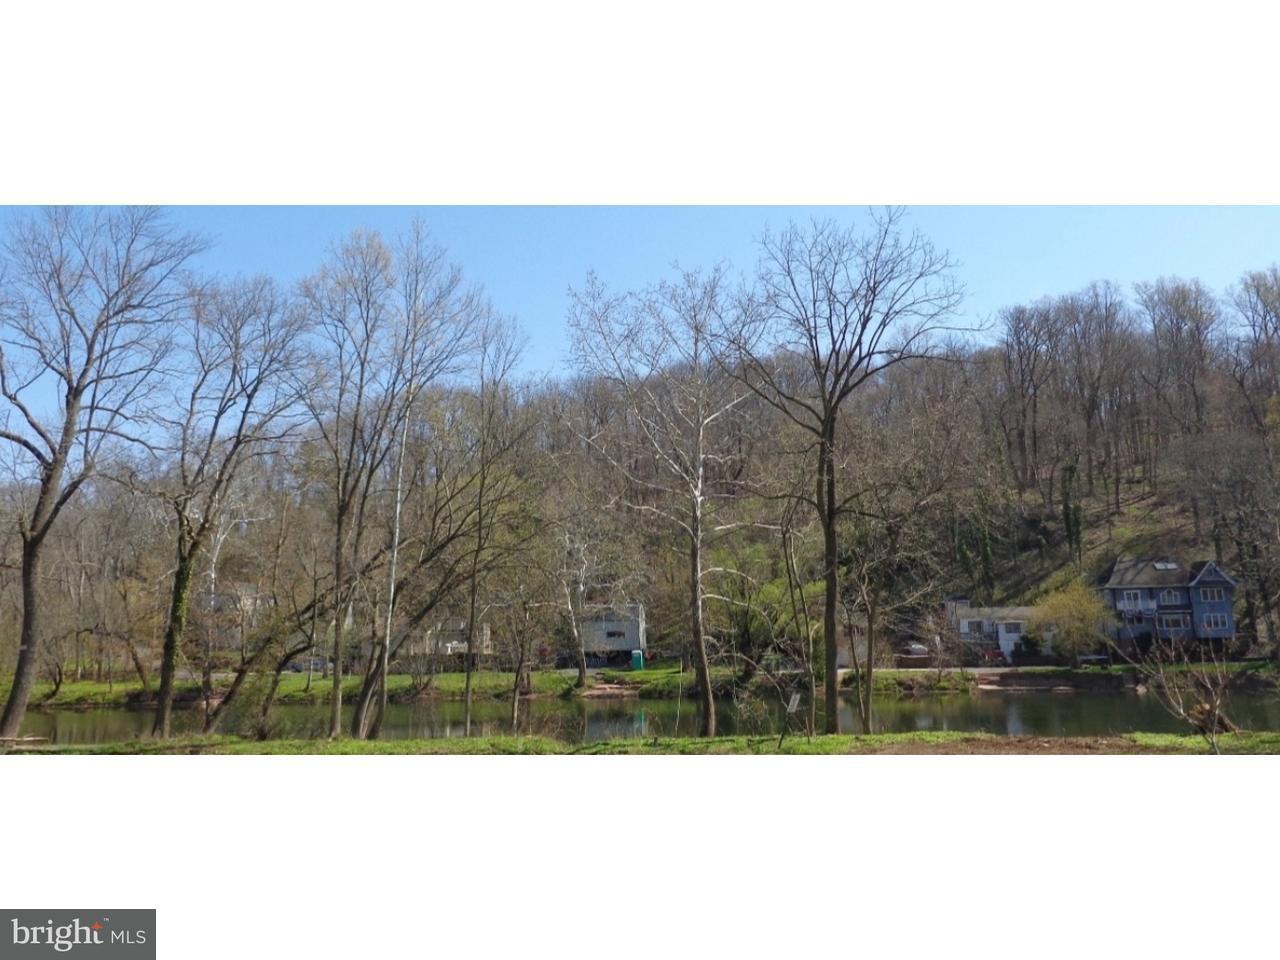 Частный односемейный дом для того Продажа на 102 N REBER Road Oaks, Пенсильвания 19456 Соединенные Штаты